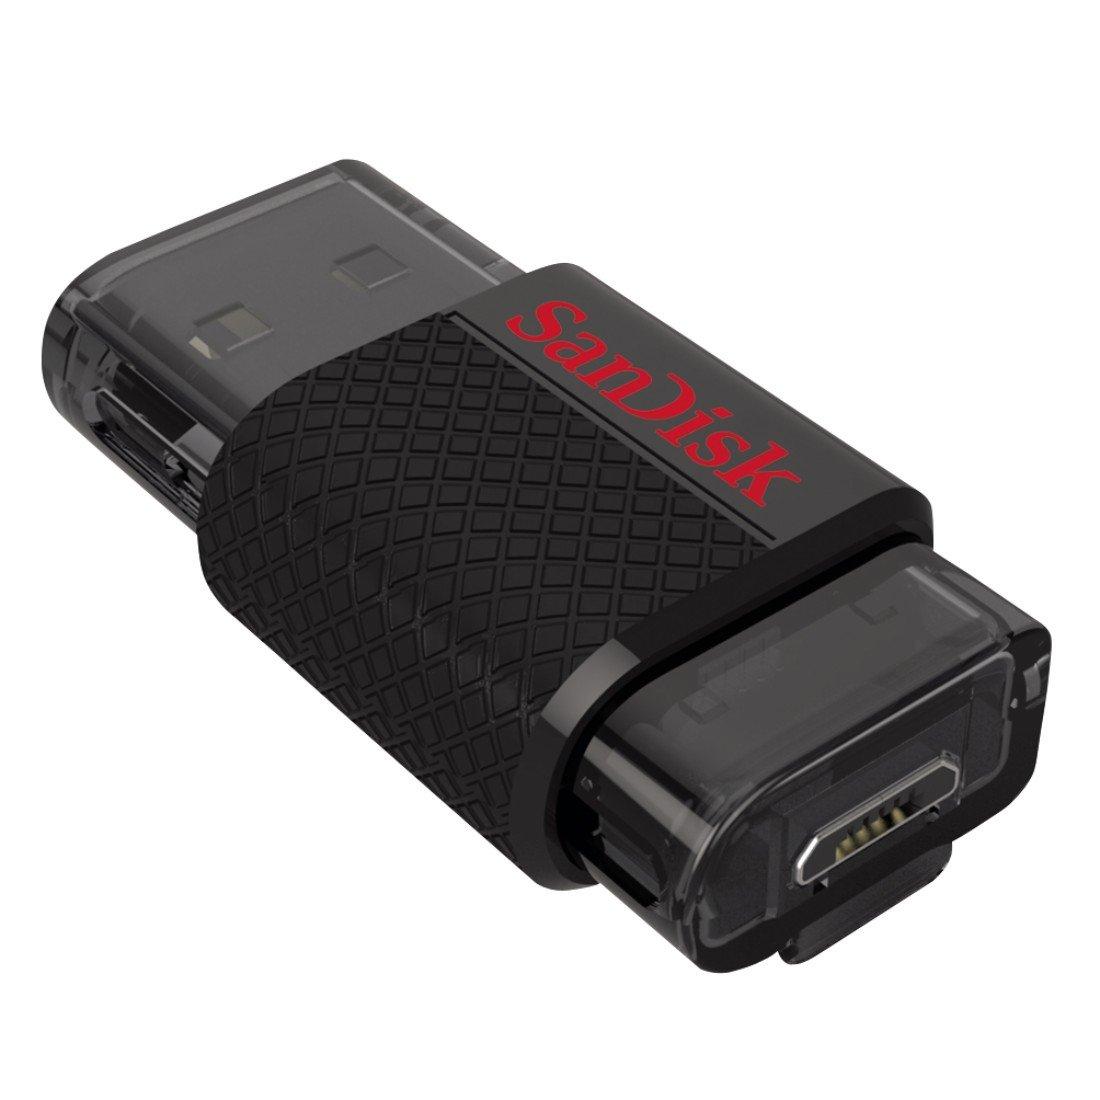 SanDisk Ultra Dual Chiavetta USB - Micro USB 16 GB SDDD-016G-G46 016gb 08 ChiaveUSB ChiavettaUSB Cruzer PenDrive SanDiskUltraDualUSBDrive16GB USBFlashDrive chiavette